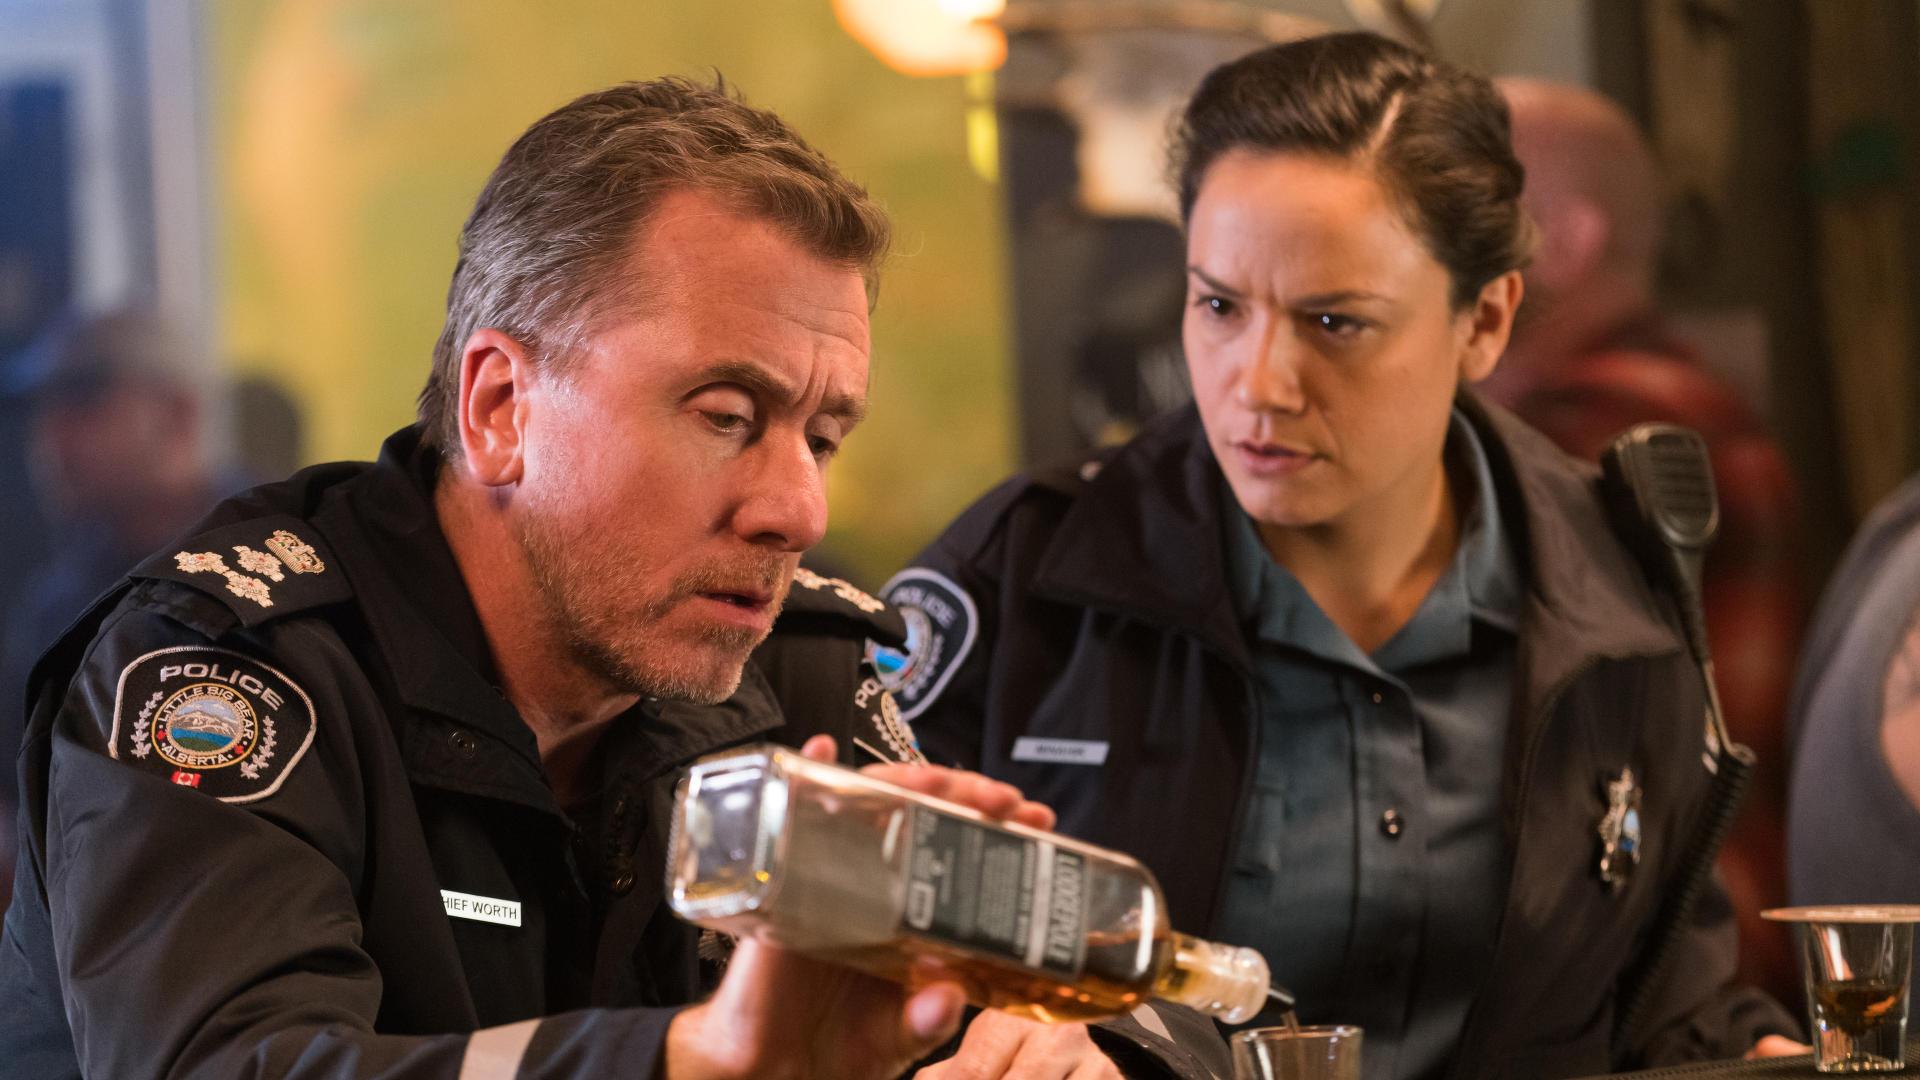 Tin Star (S01E06): Cuckoo Summary - Season 1 Episode 6 Guide